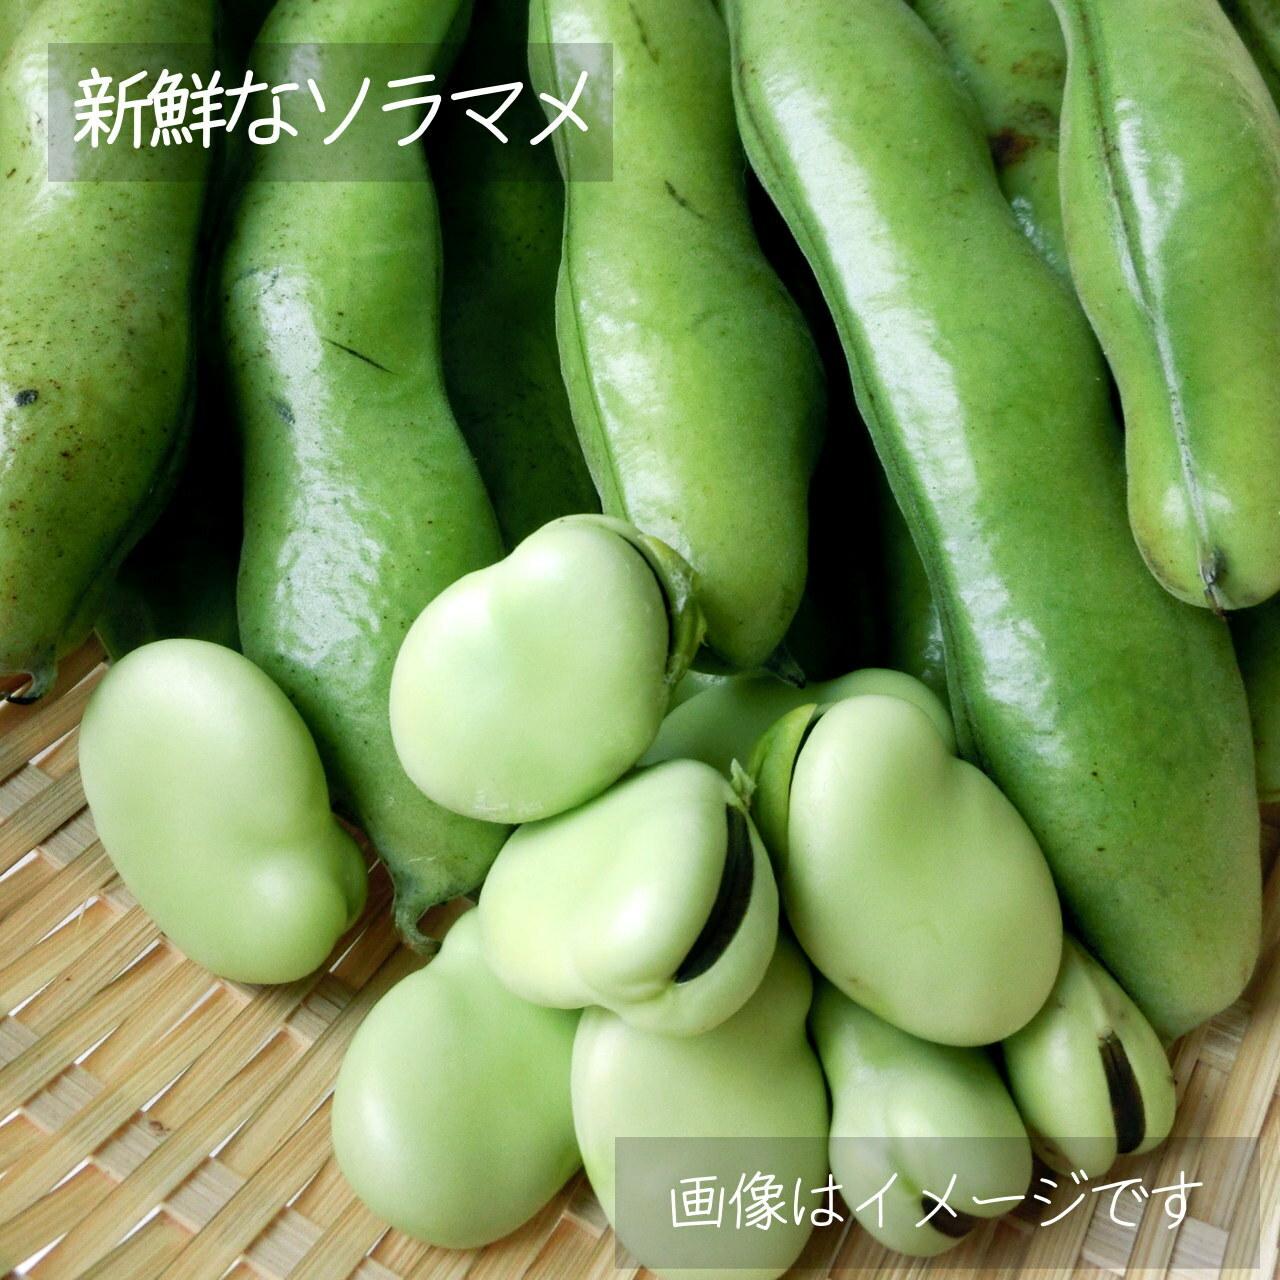 そらまめ 約400g: 6月の朝採り直売野菜 6月1日発送予定